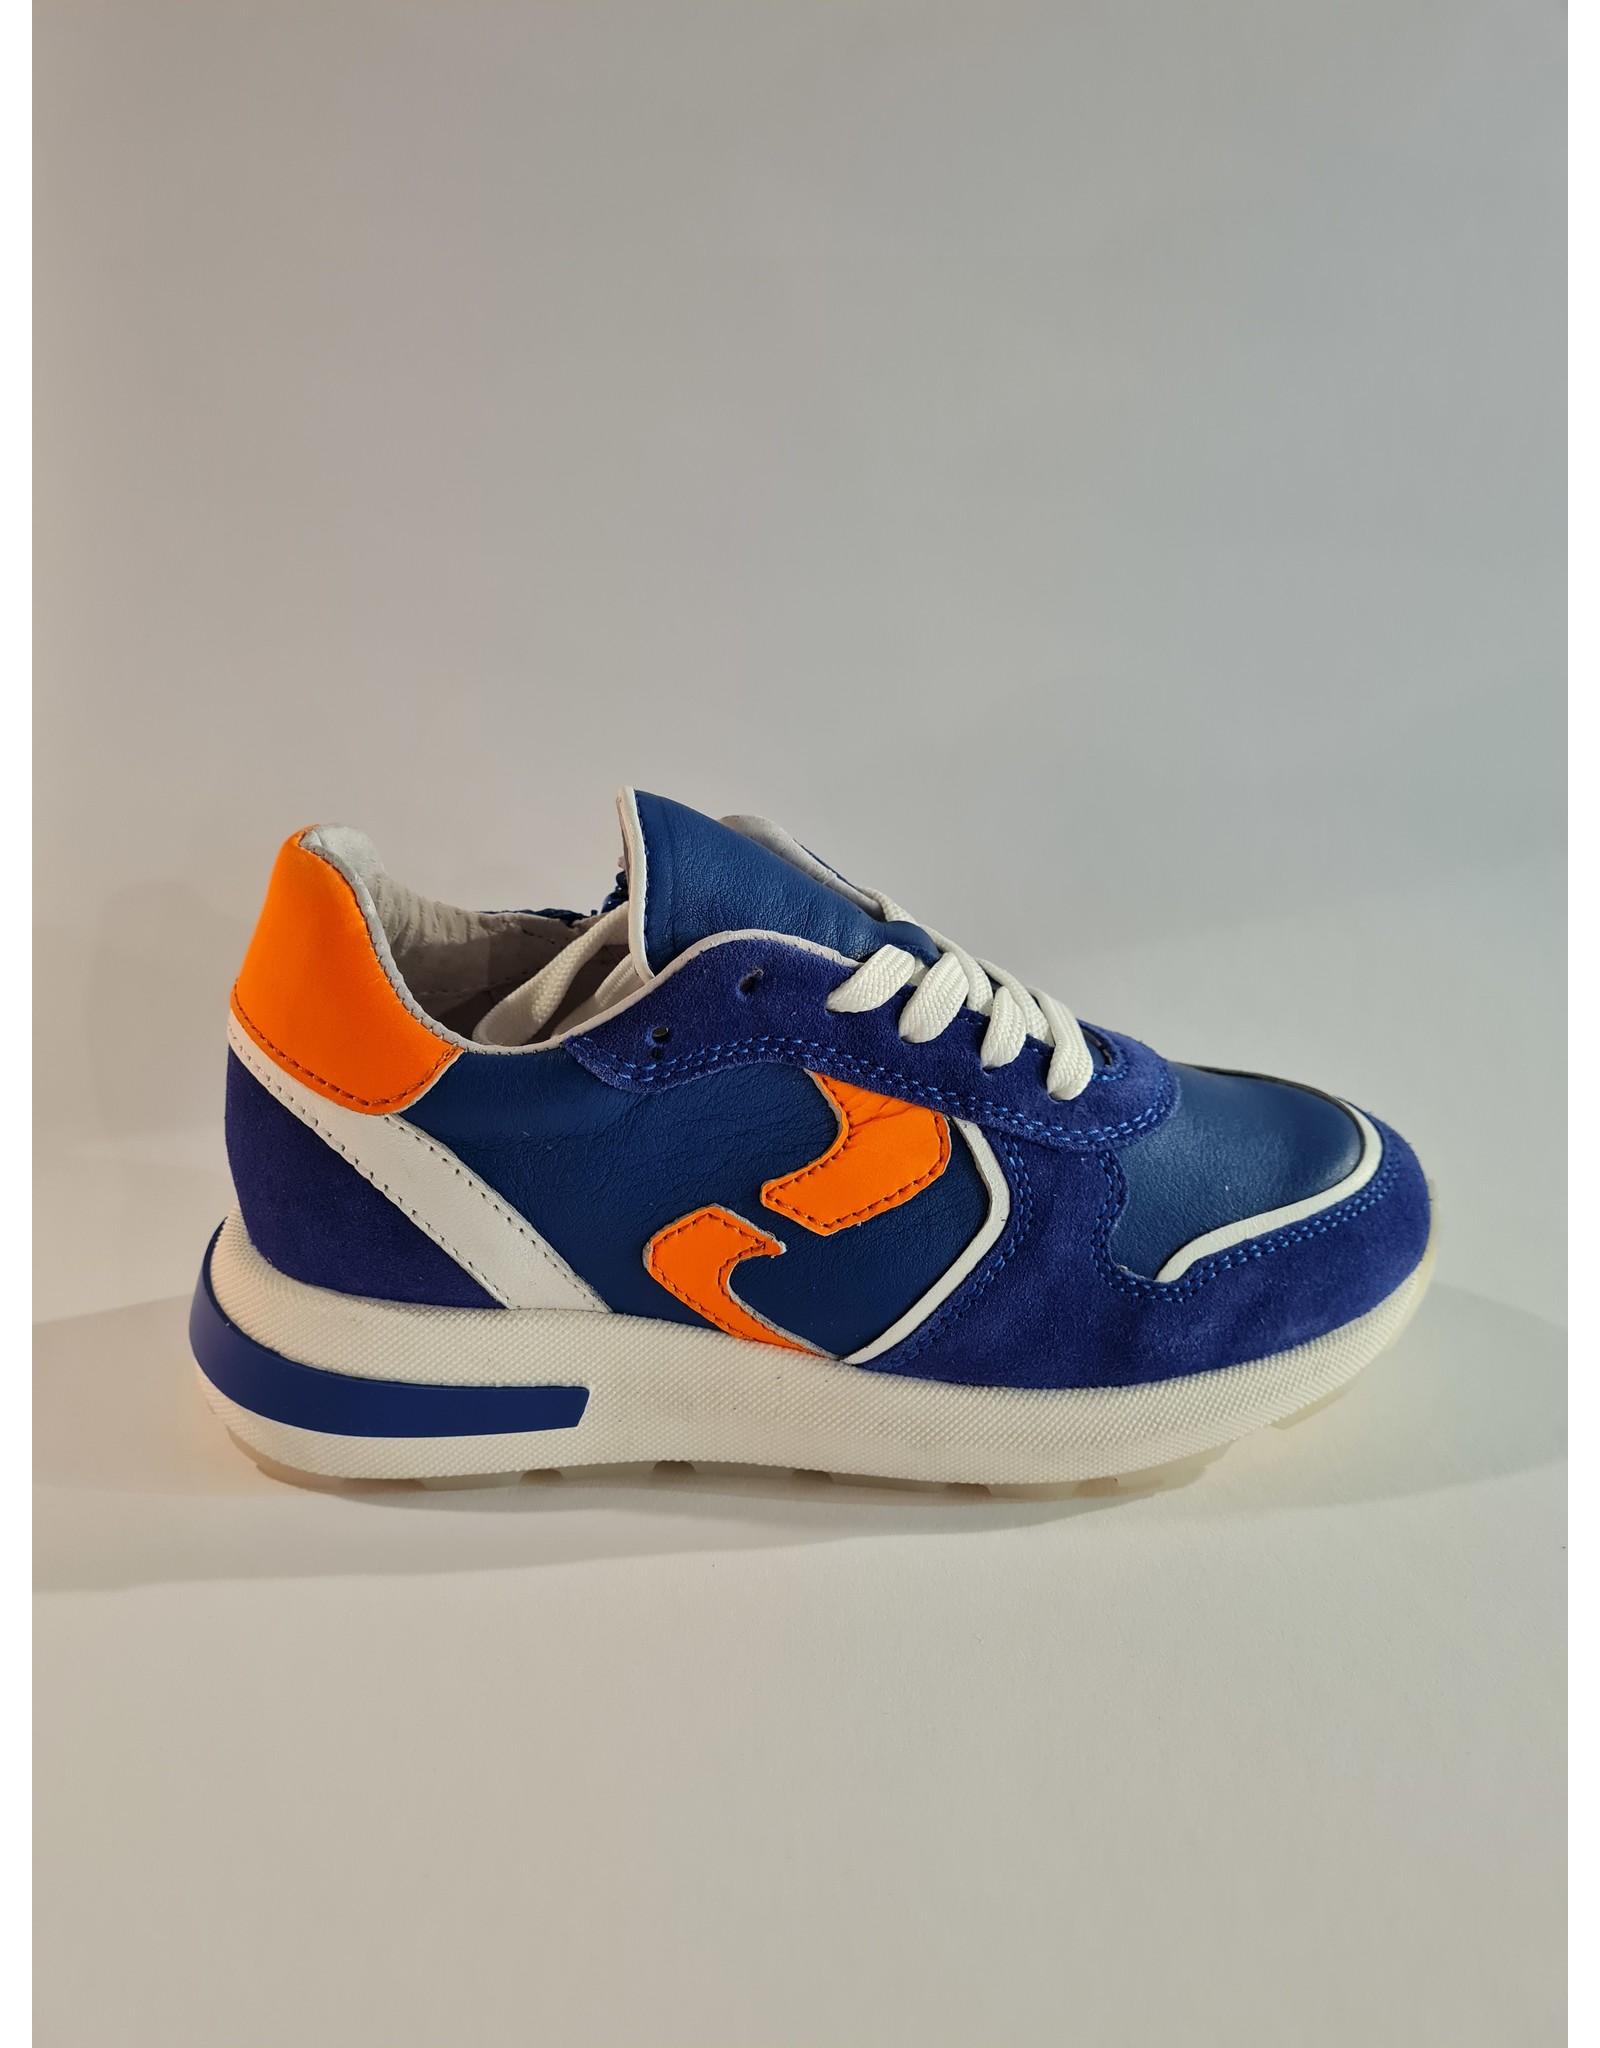 Gattino Gattino - Jongens Sneaker Cobalt Blauw